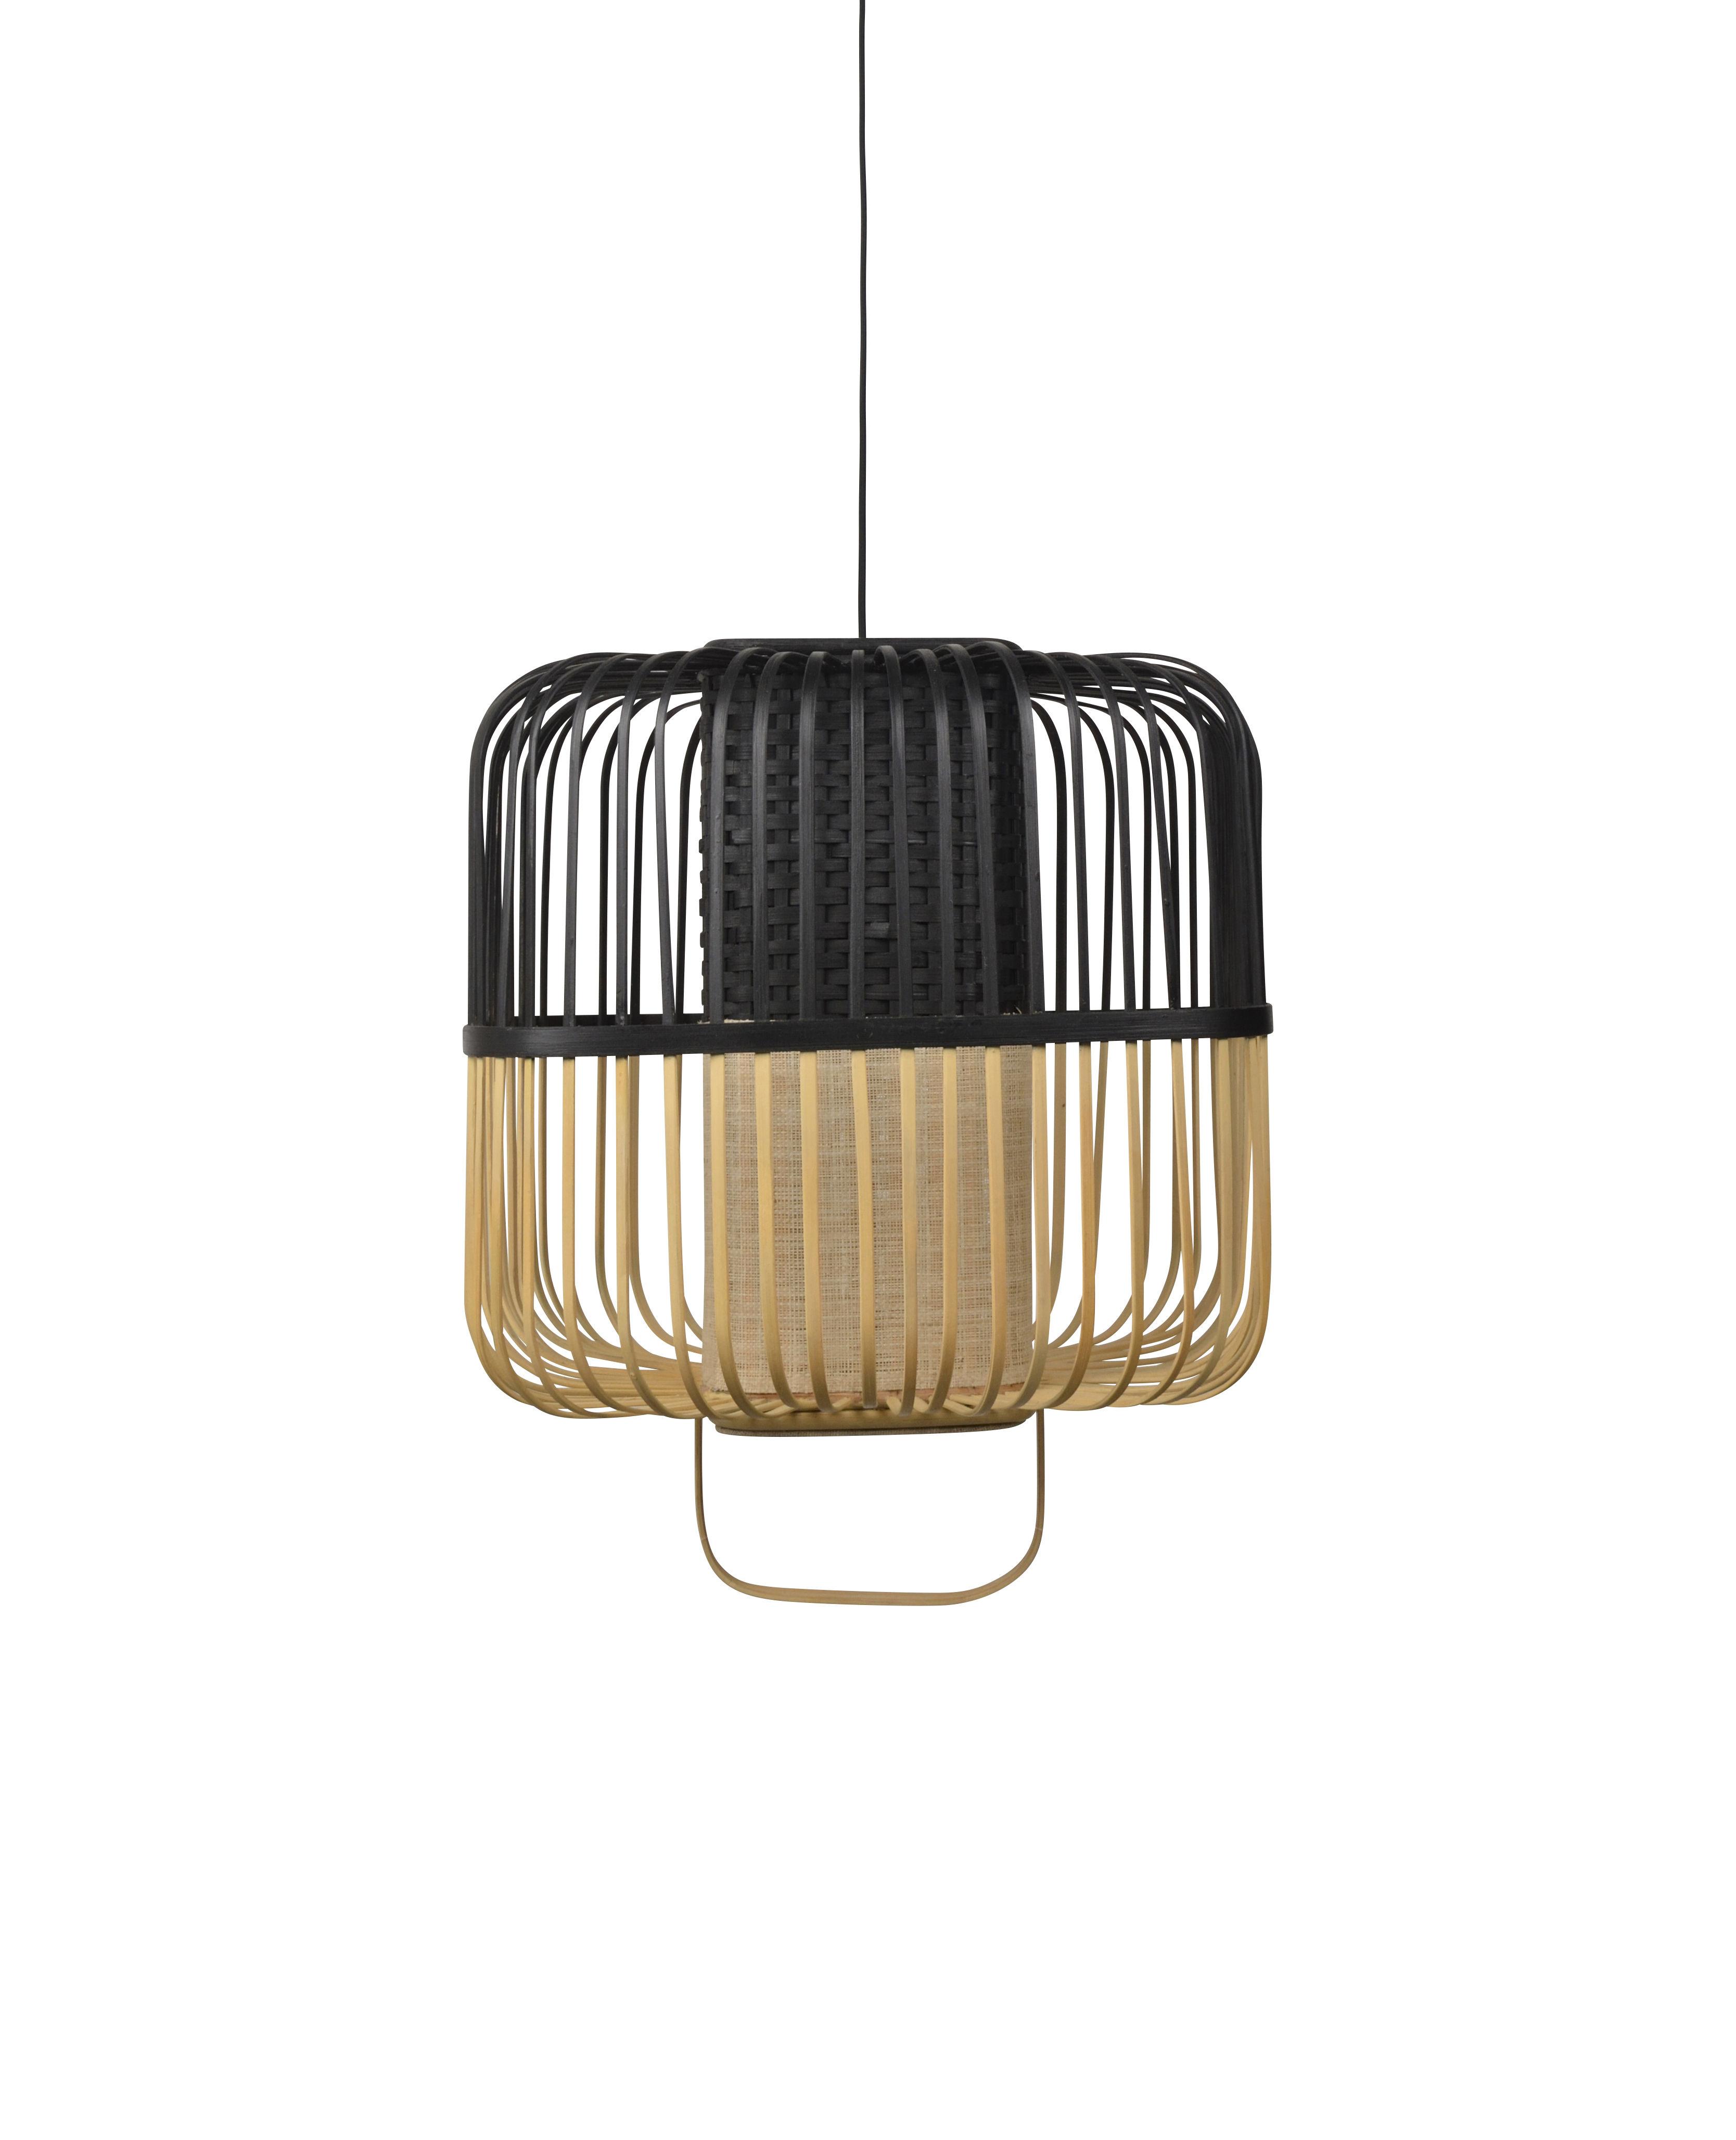 Illuminazione - Lampadari - Sospensione Bamboo Square - / Medium - H 43 cm di Forestier - Nero - Bambù